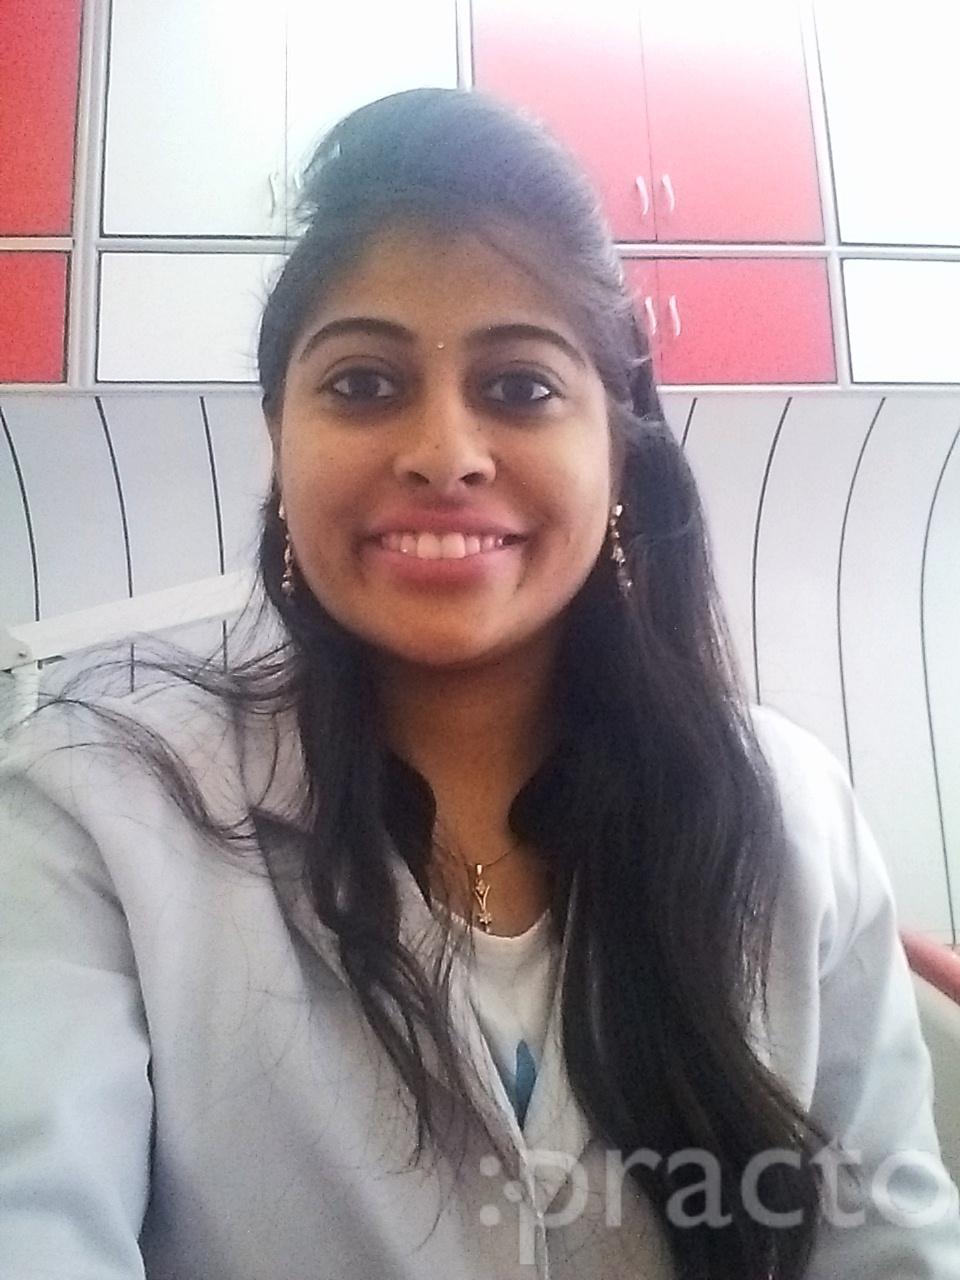 Dr. Surabhi Mahajan Malhotra - Dentist